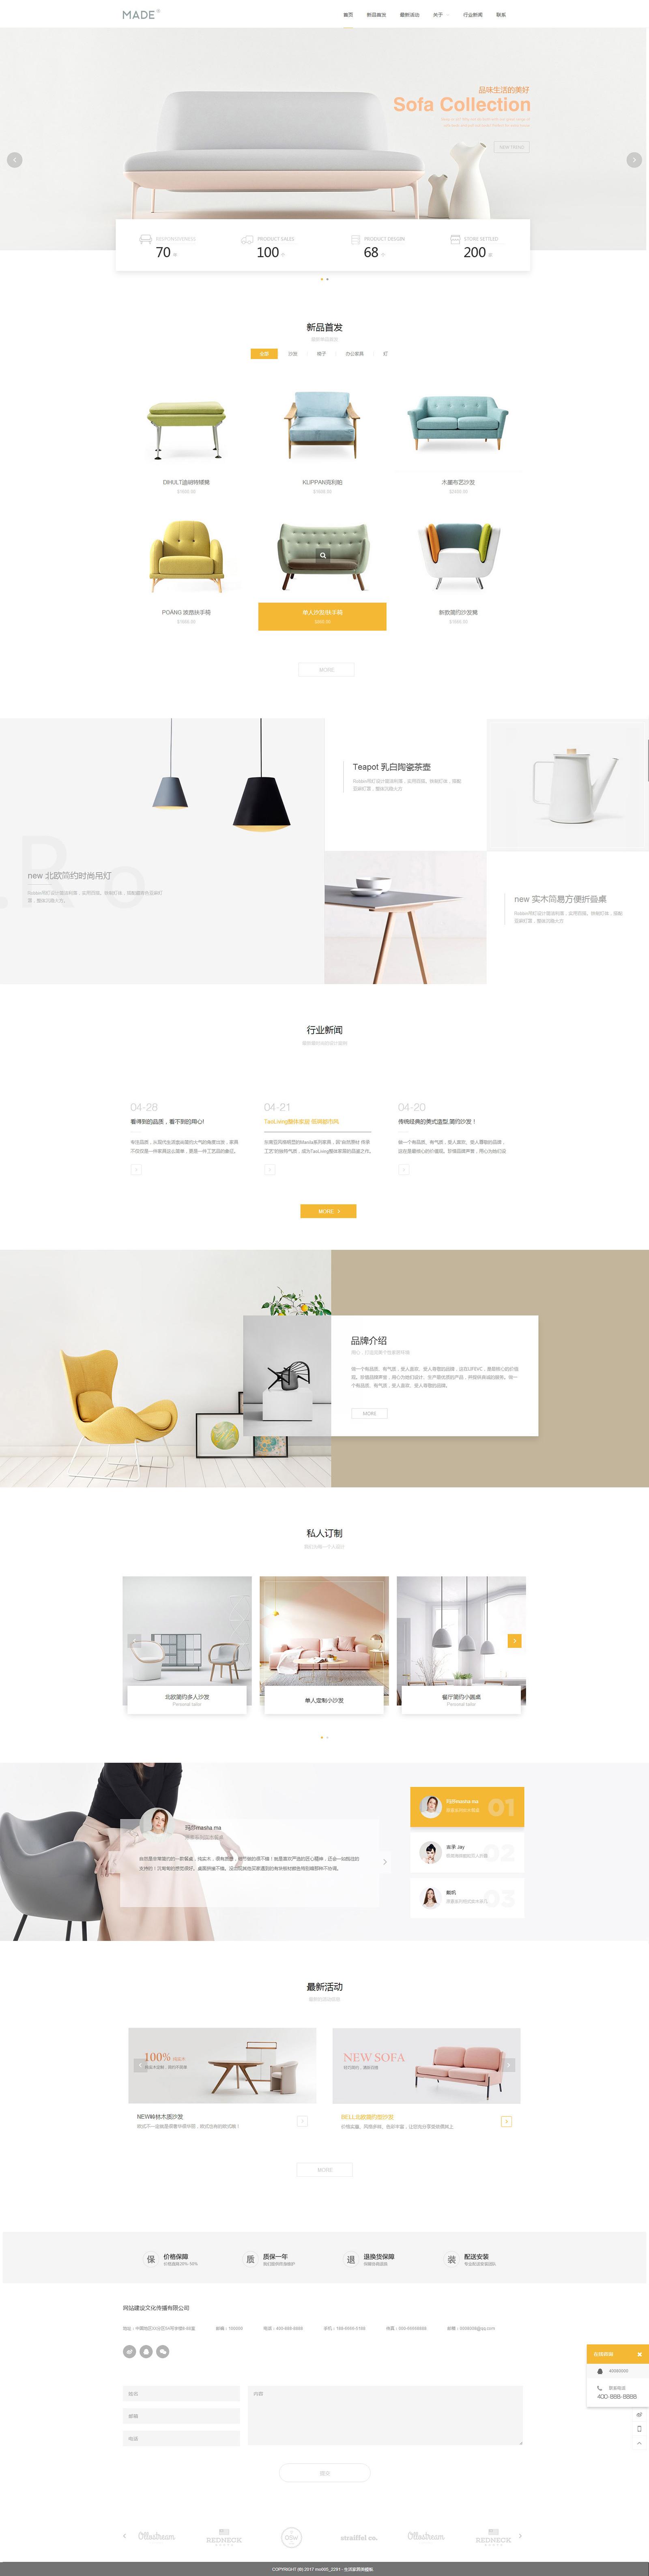 高端软装家居家具产品类织梦模板网站-90咸鱼网